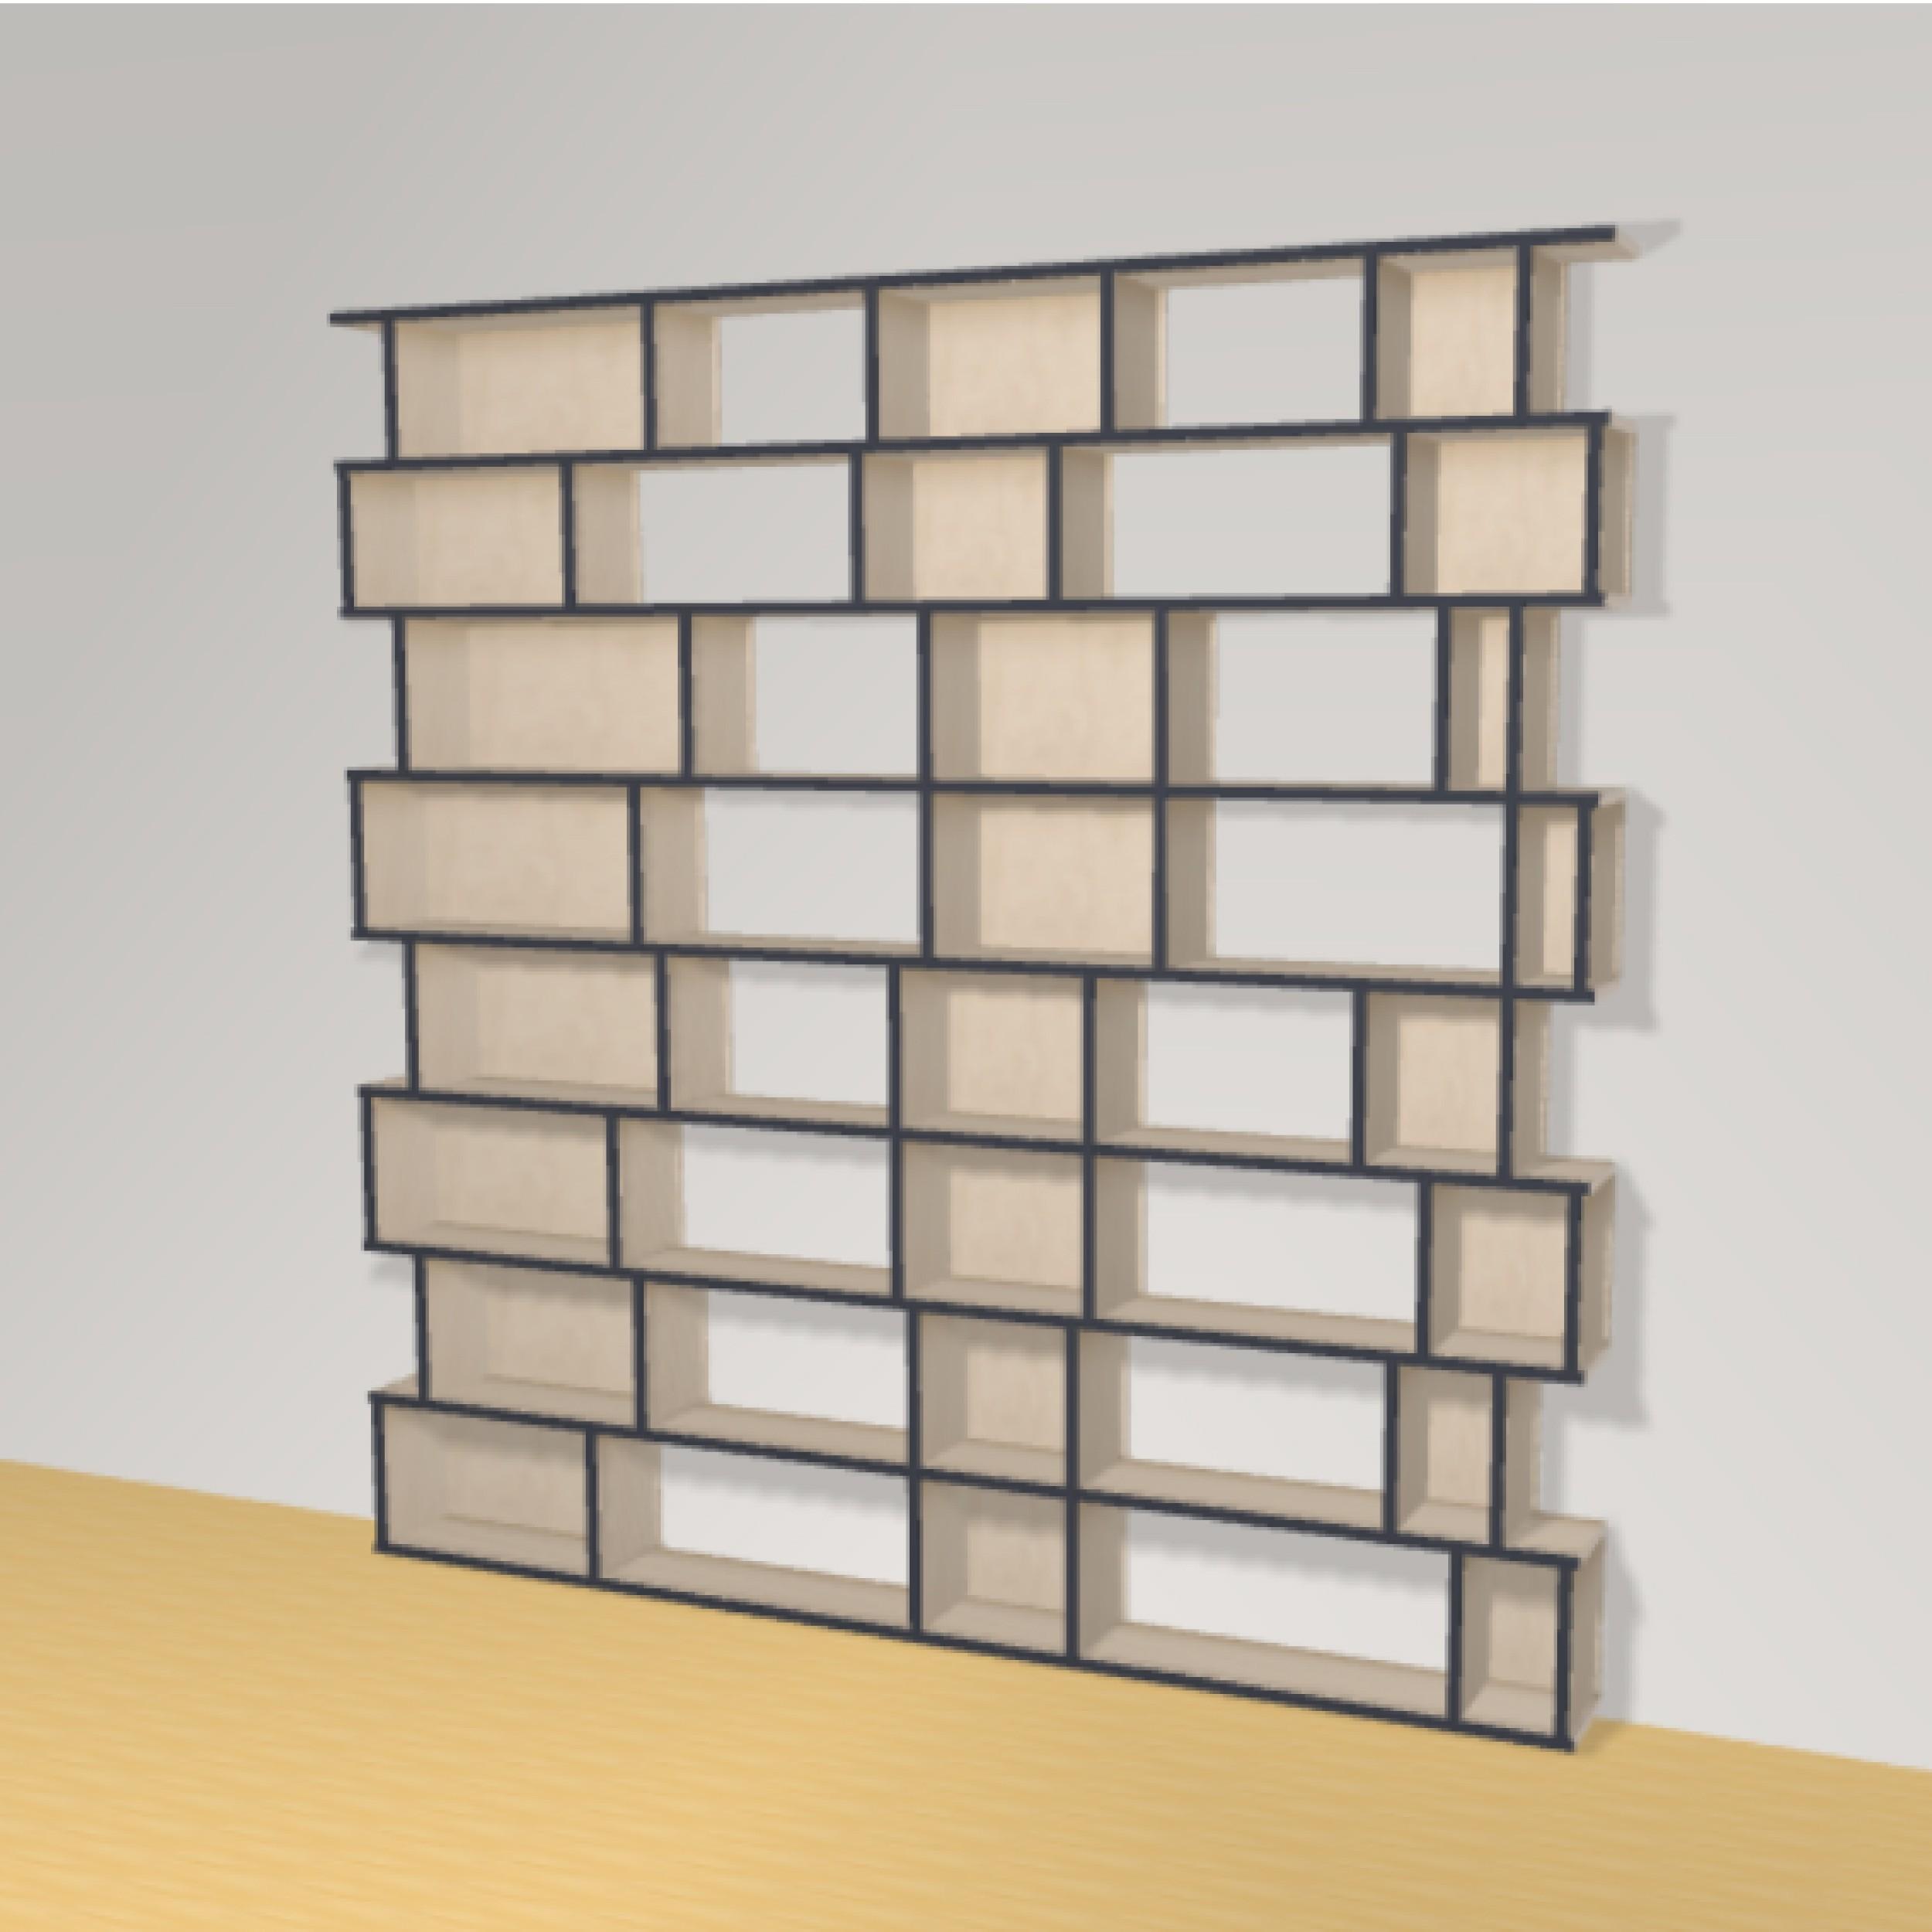 Bibliotheek h208cm b210 cm the perfect bookshelf - Op maat gemaakte bibliotheek ...